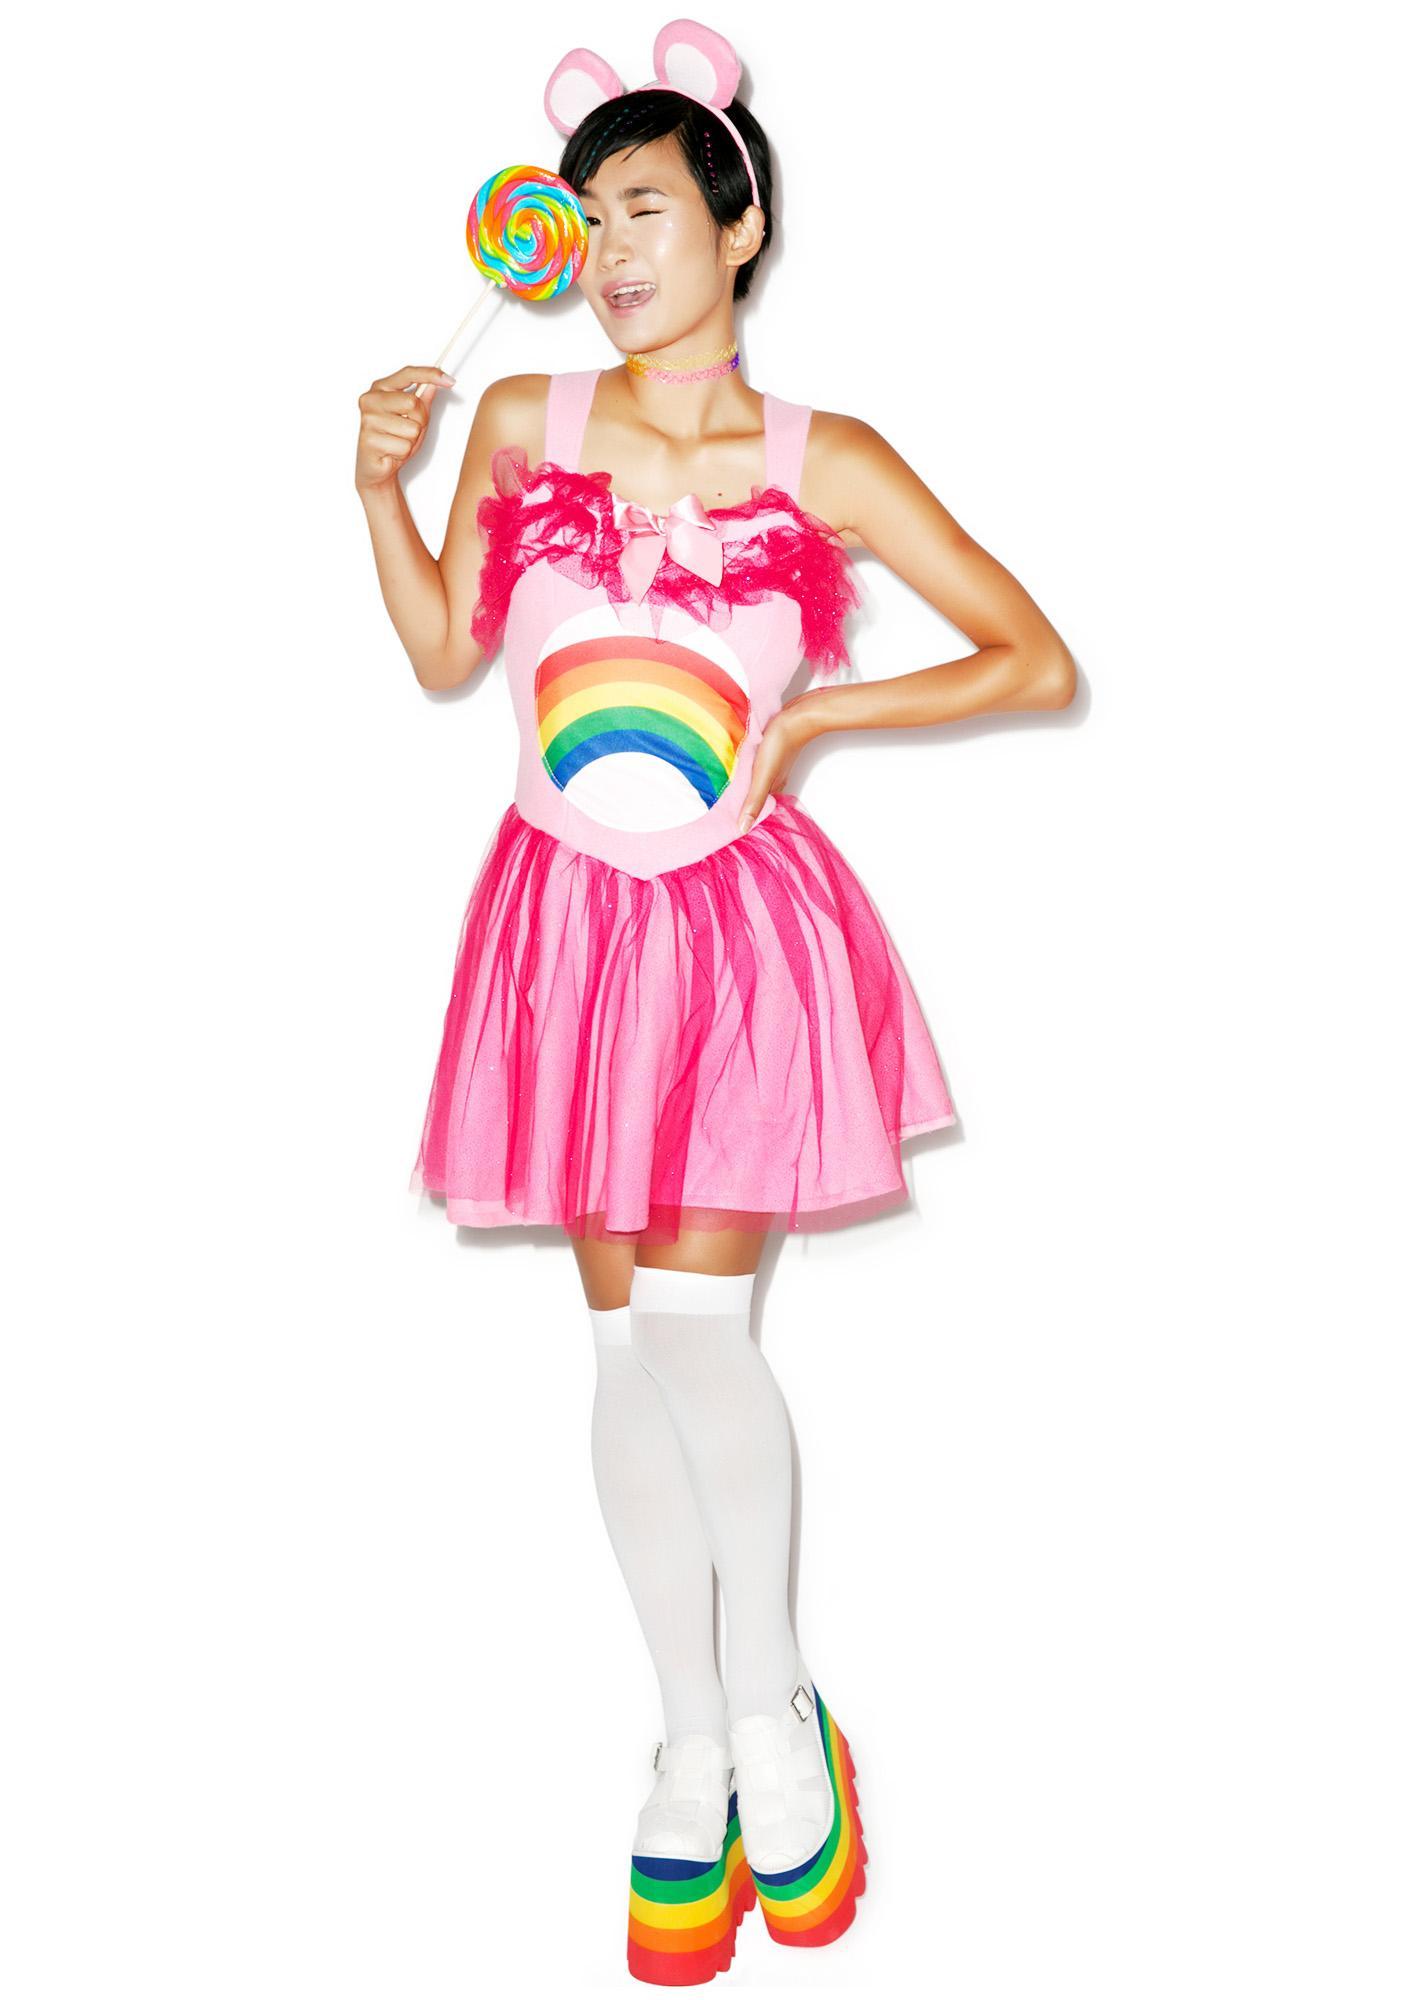 Cheer Bear Costume